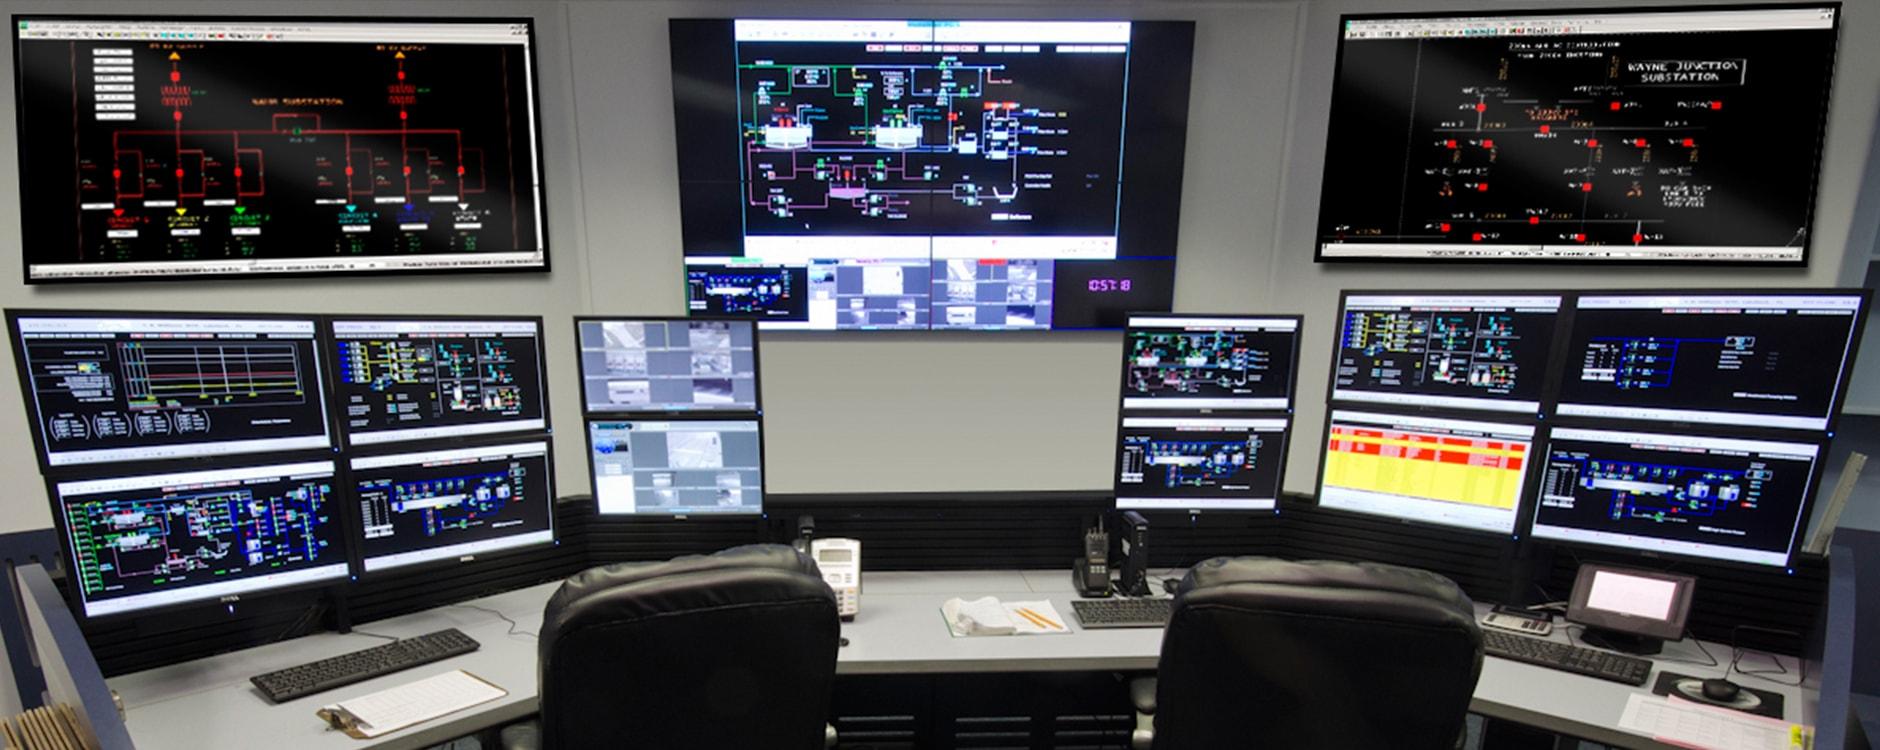 Scada Hmi Design Saflink Controls Pte Ltd